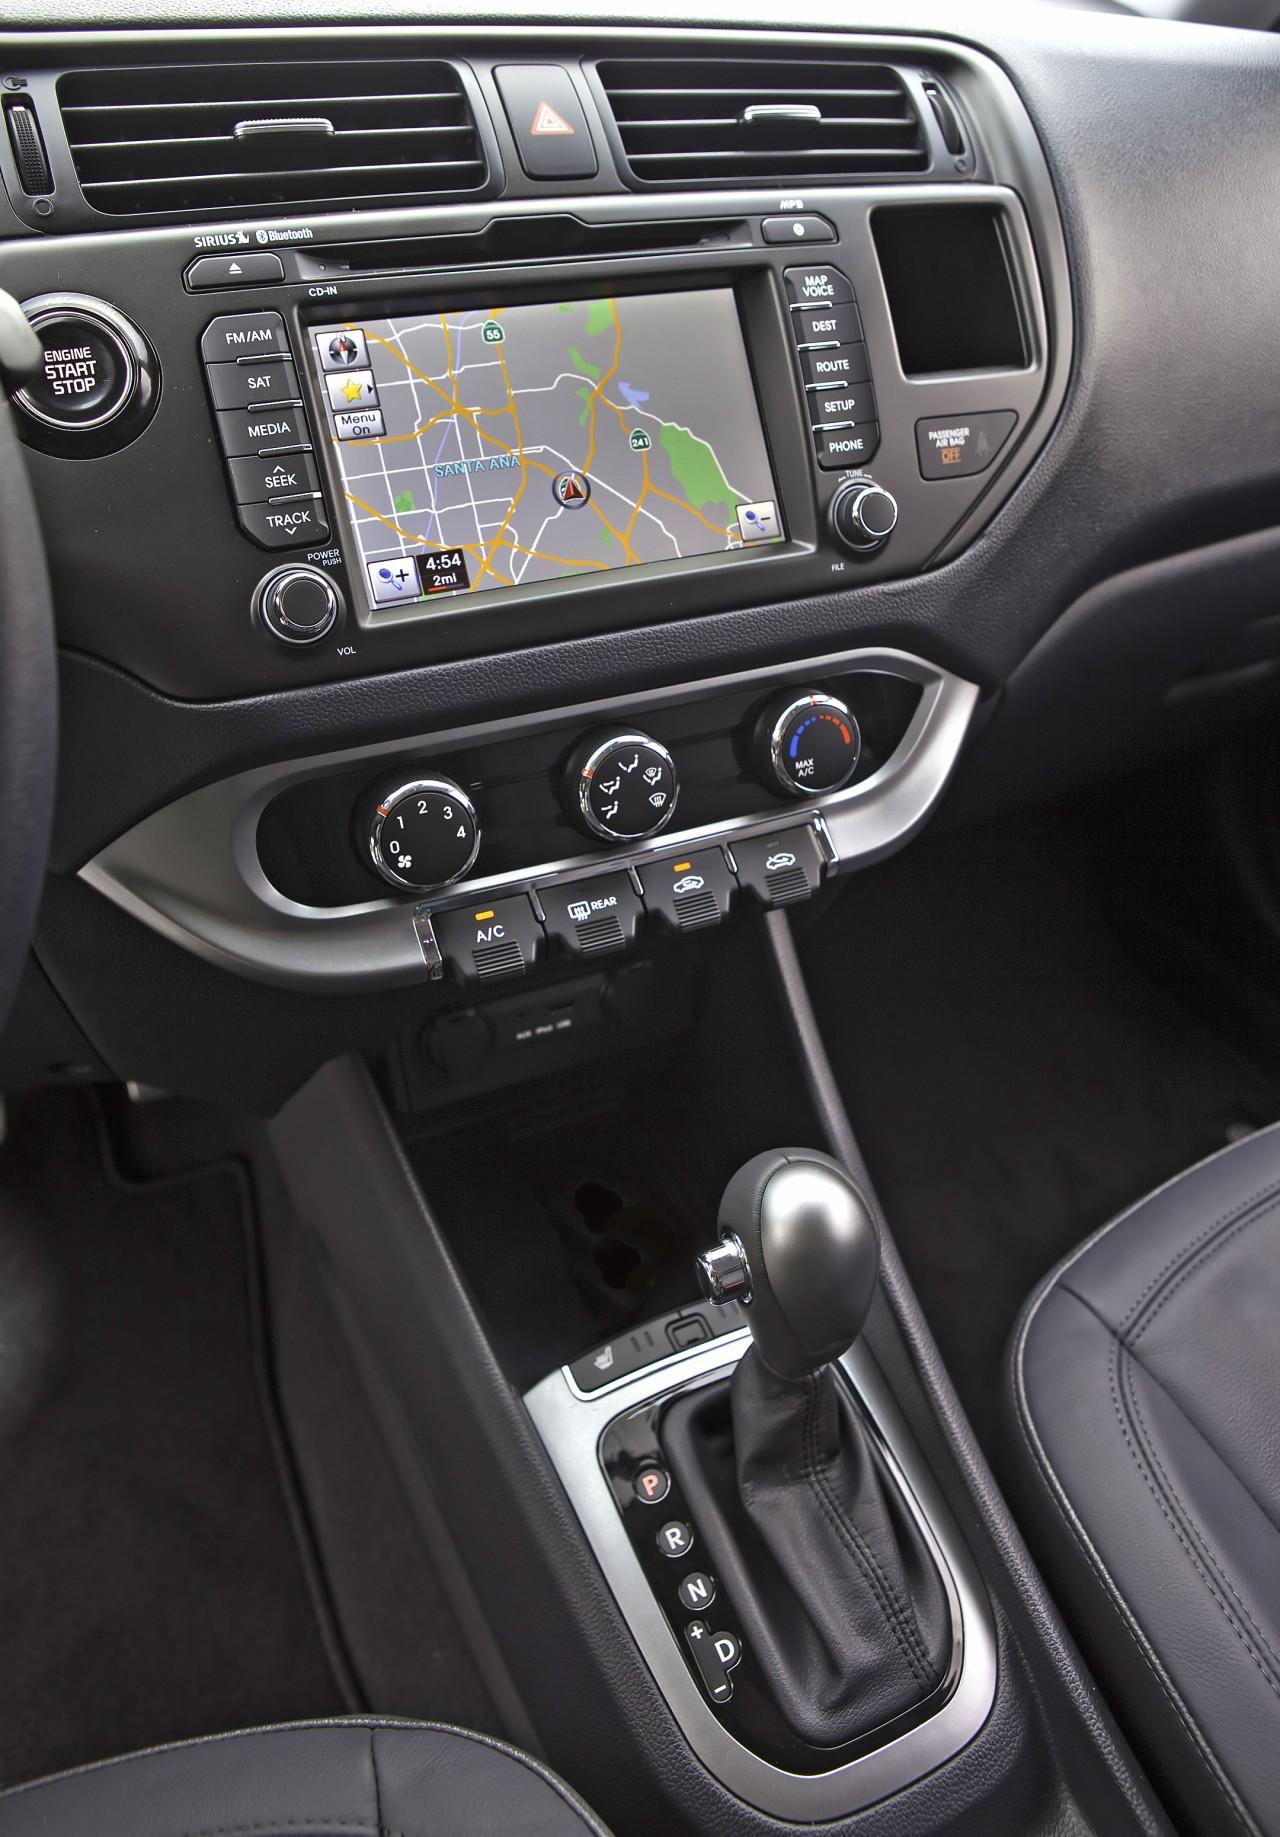 0__2012-kia-rio-sedan-10__1280_1837.jpg